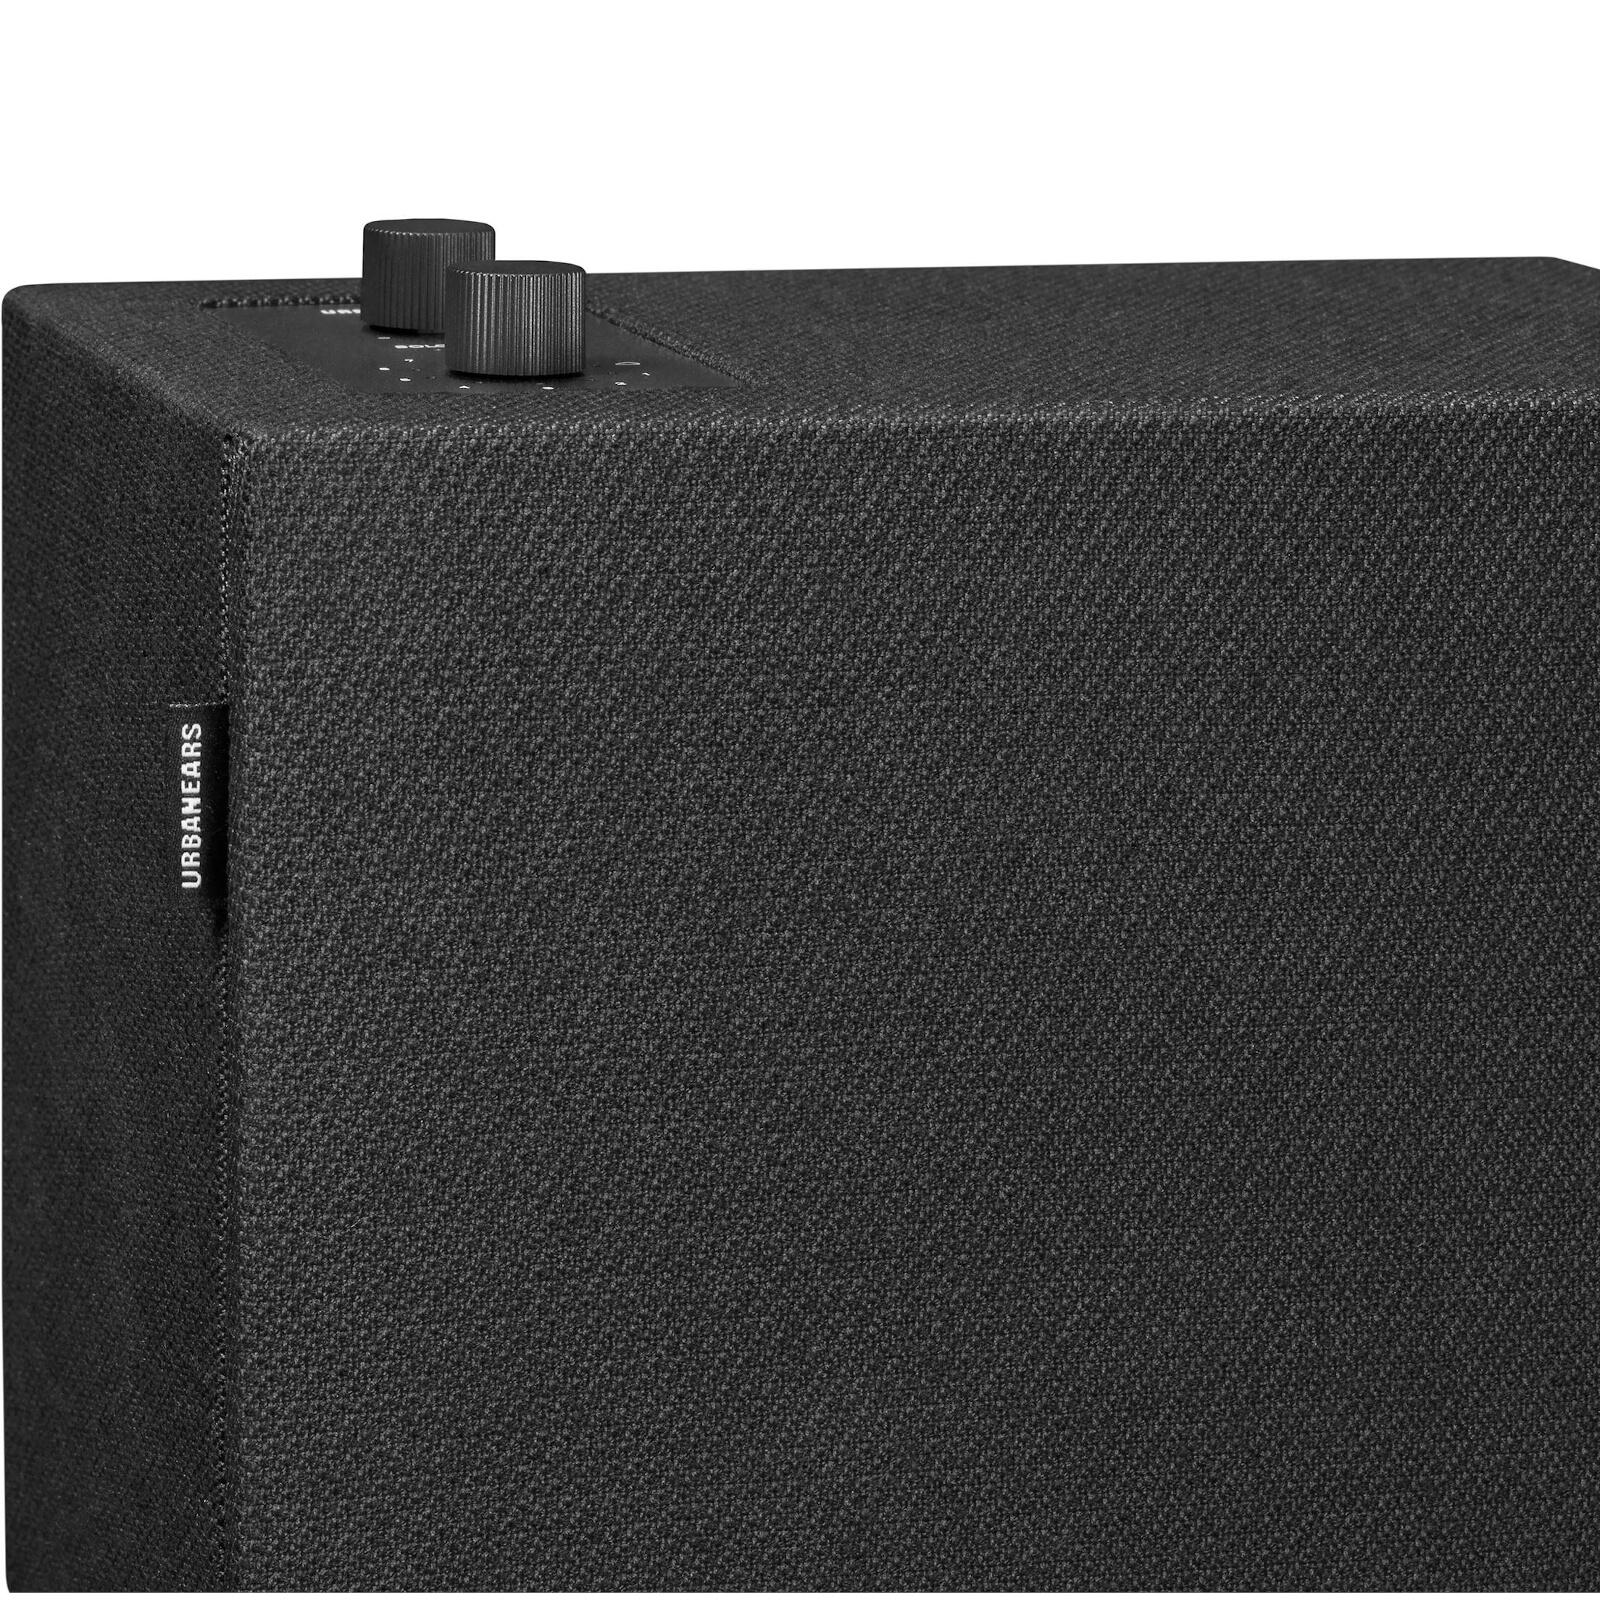 [SOWIA] Urbanears Stammen Wireless Multi-Room Speaker - Vinyl Black | 4 Farben verfügbar